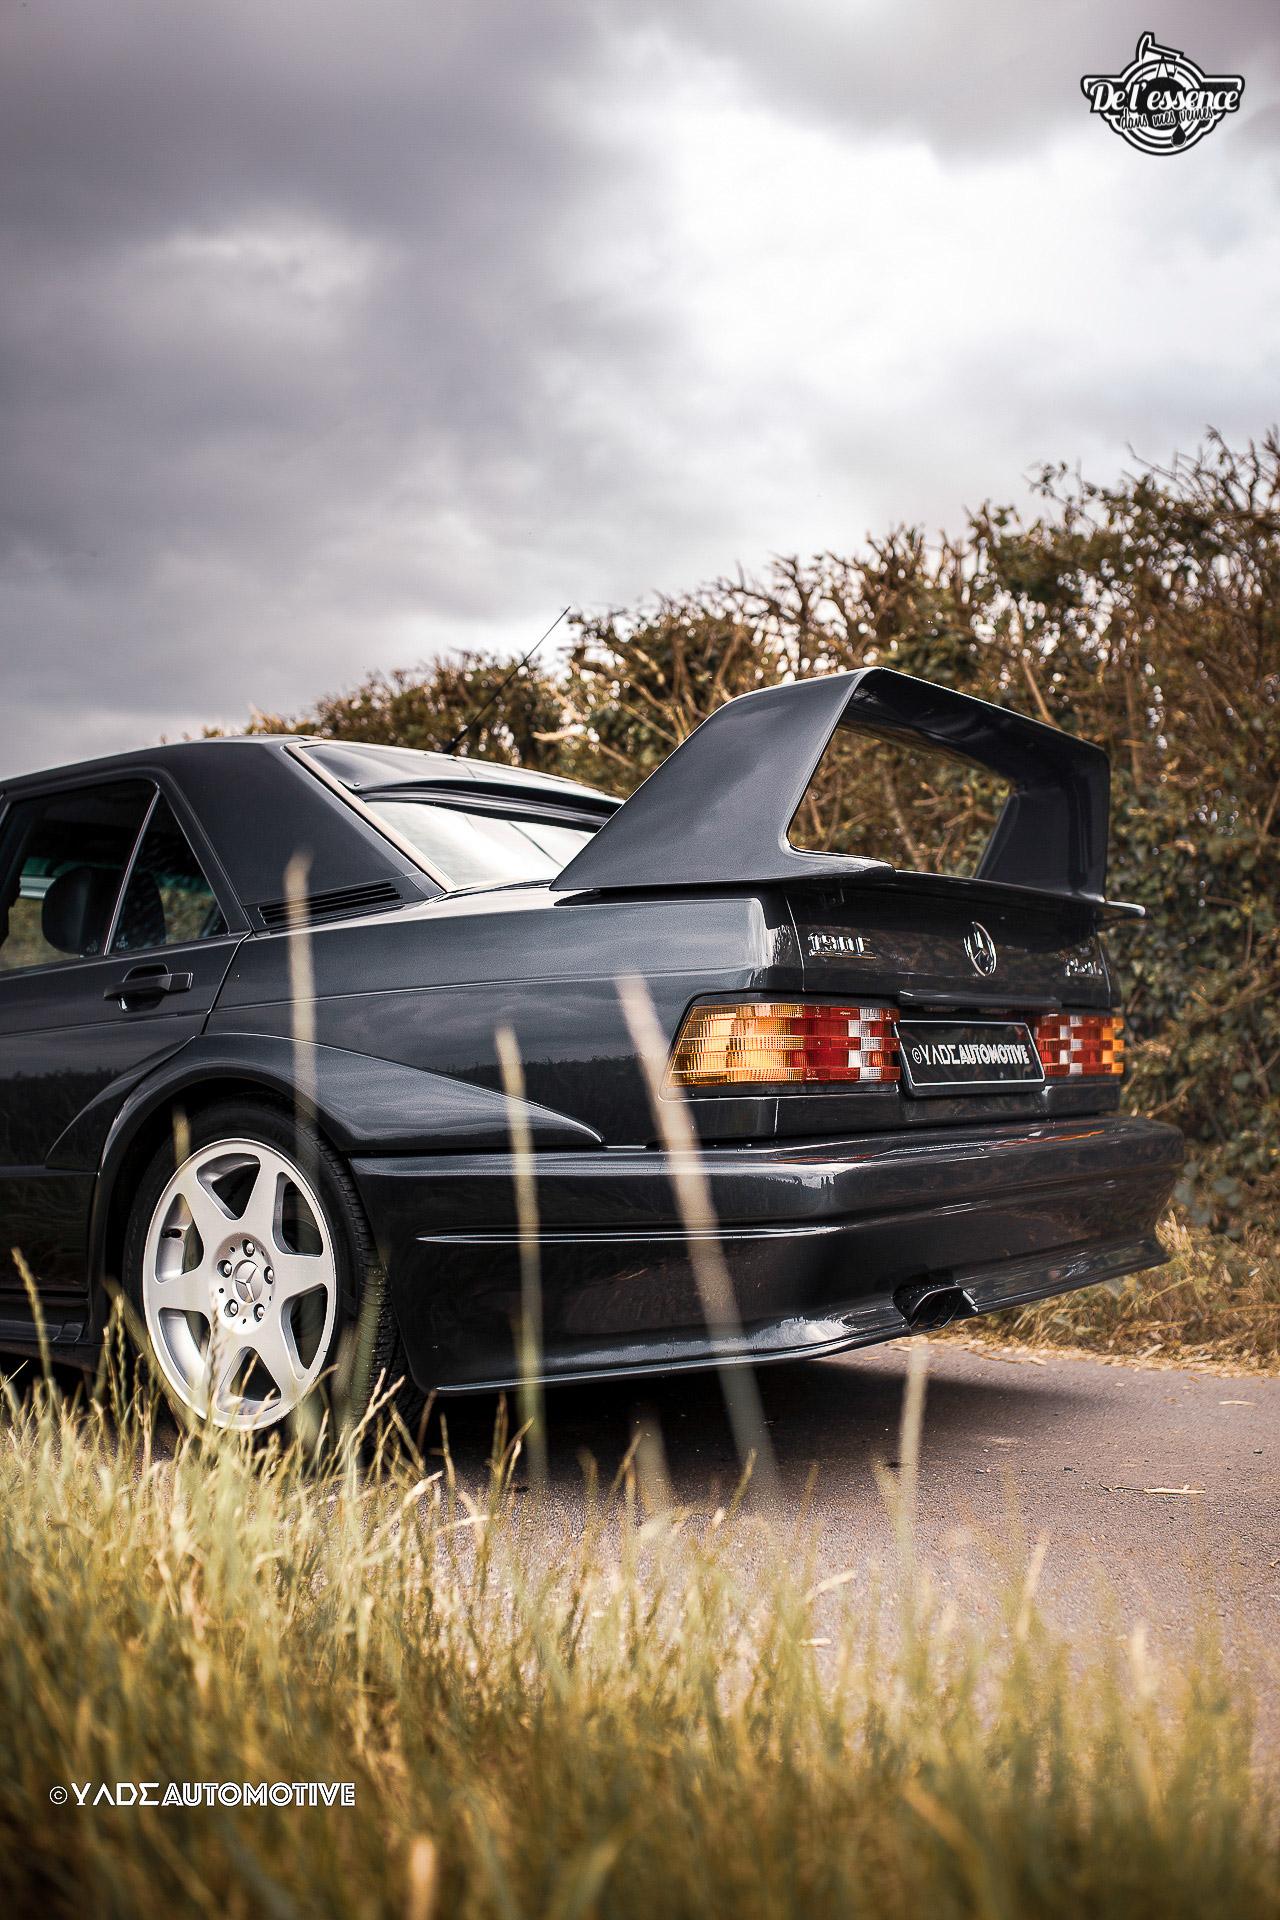 Mercedes 190 Evo 2 - L'étoile noire ! 11